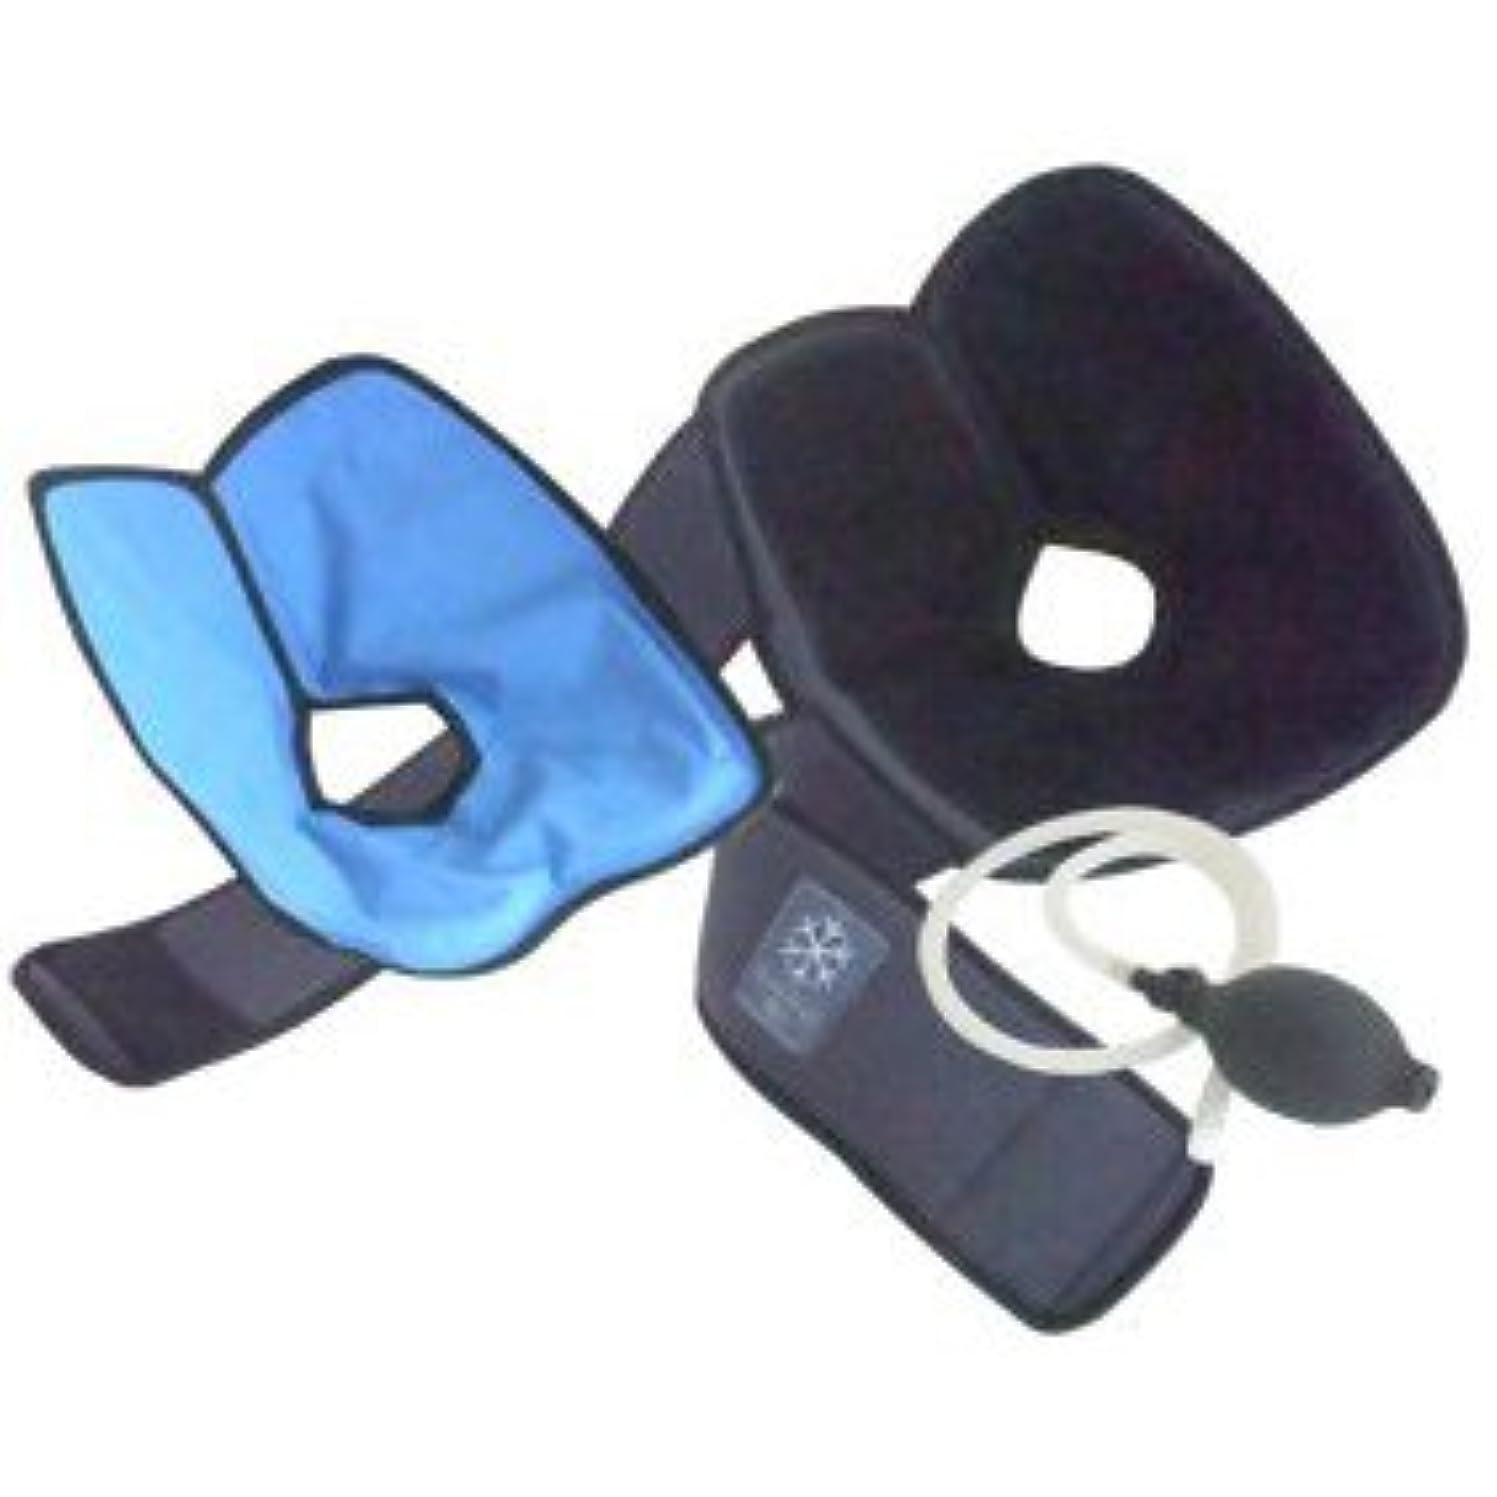 ペアブランドブラジャー医療用冷却パック コールドラップ LM-804/805PM(S) アイシング用サポーター付 肘?膝(ひじ?ひざ)用コールドラップ一式